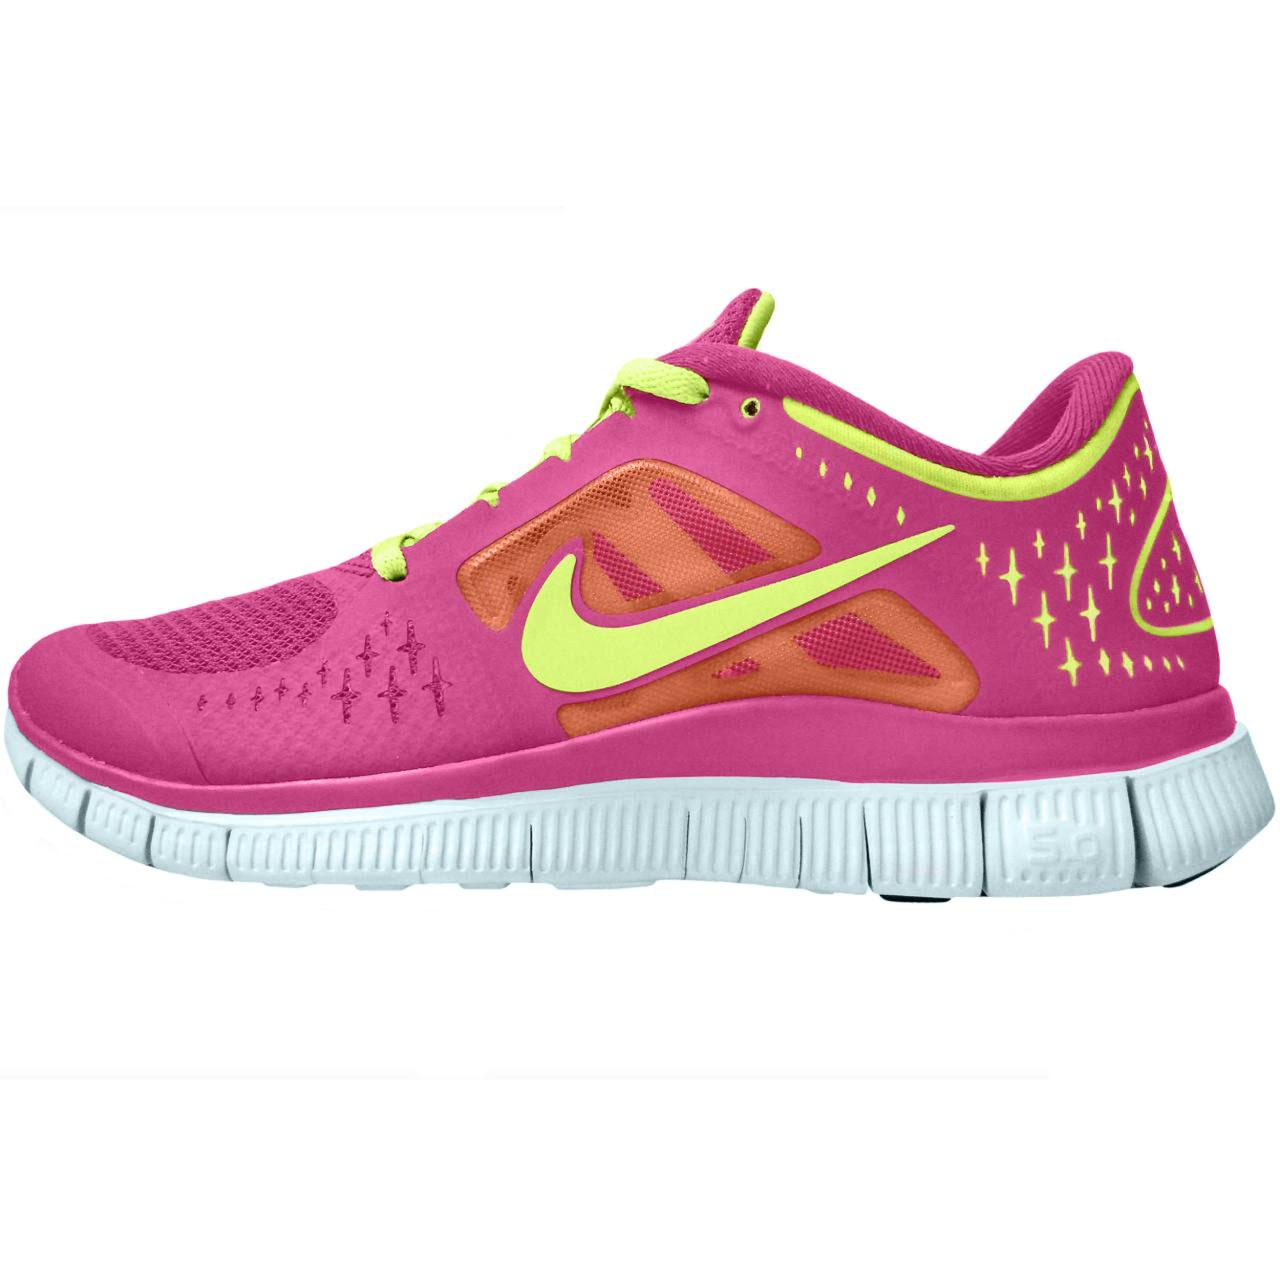 کفش مخصوص پیاده روی زنانه نایکی مدل 5.0 free run